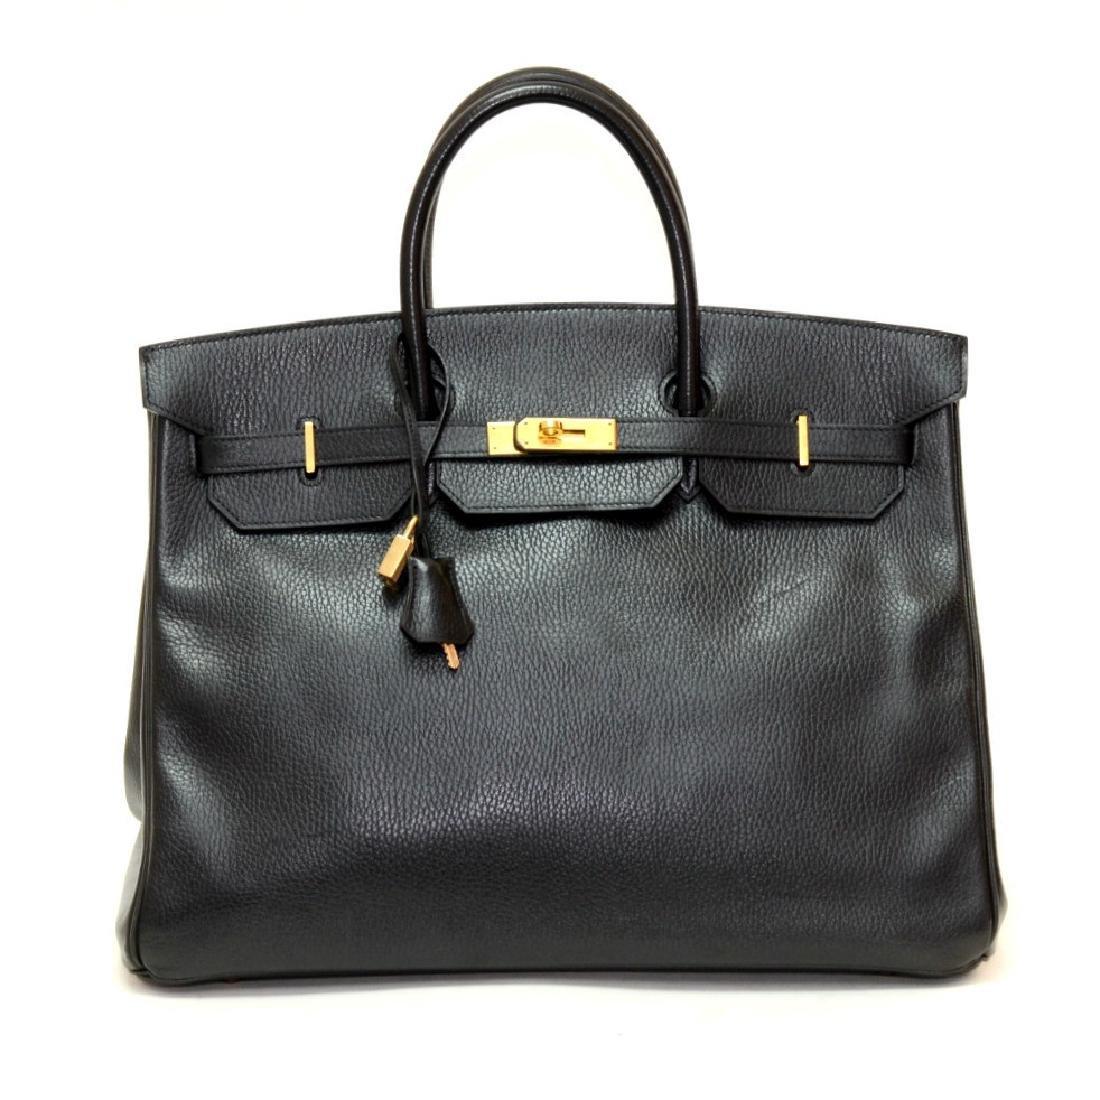 Hermes Birkin 40cm Black Ardenne Leather Bag with Gold